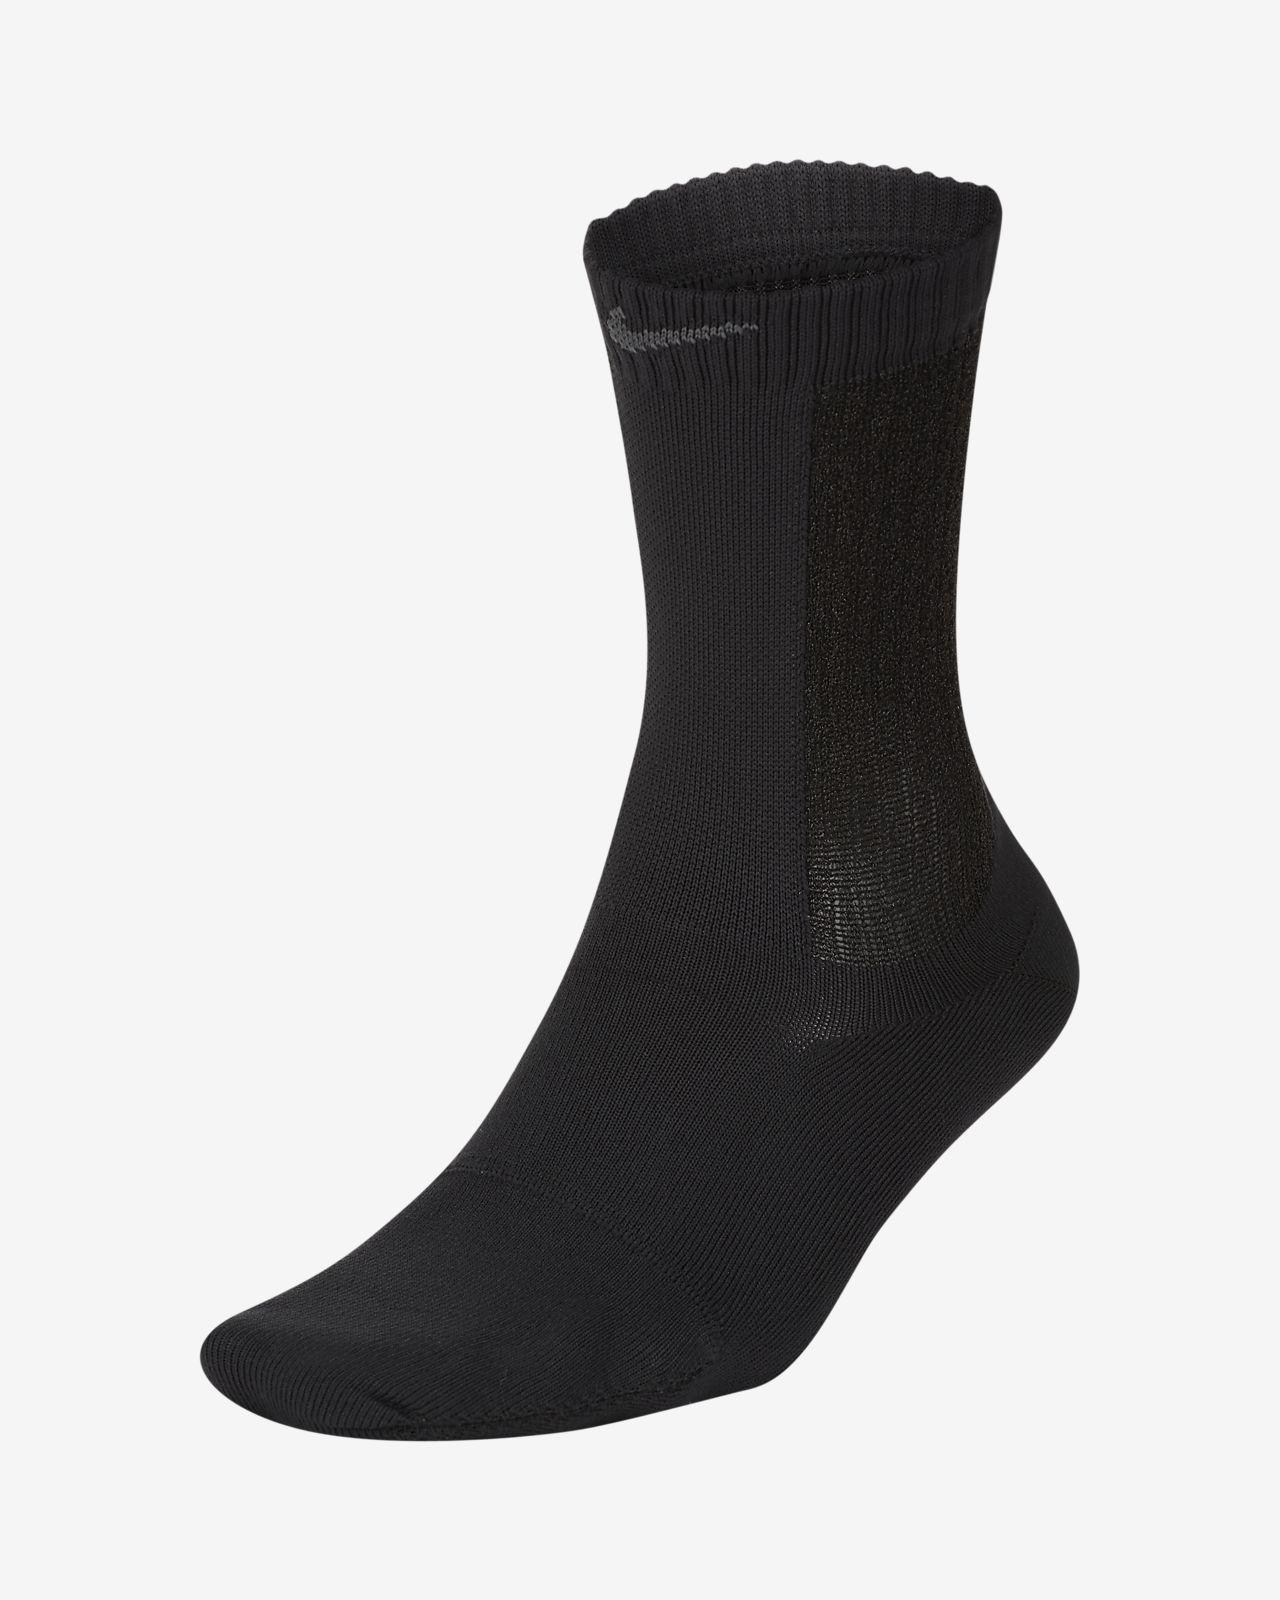 Nike Air Calcetines tobilleros de entrenamiento - Mujer